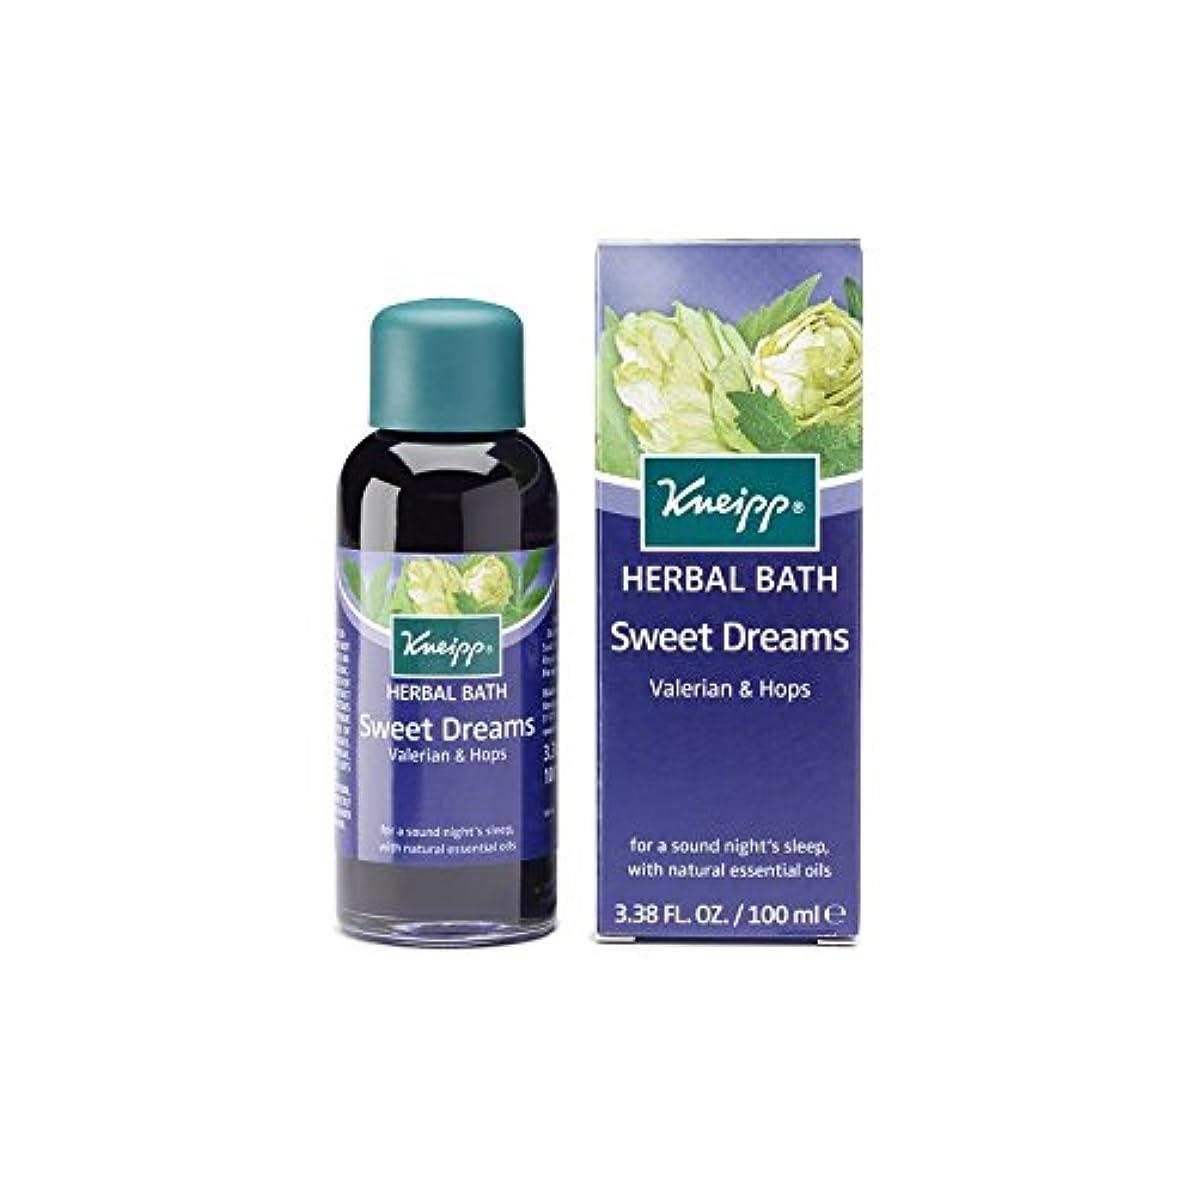 嵐シロクマ敵意クナイプ甘い夢ハーブカノコソウとバスオイル(100ミリリットル)をホップ x2 - Kneipp Sweet Dreams Herbal Valerian and Hops Bath Oil (100ml) (Pack...